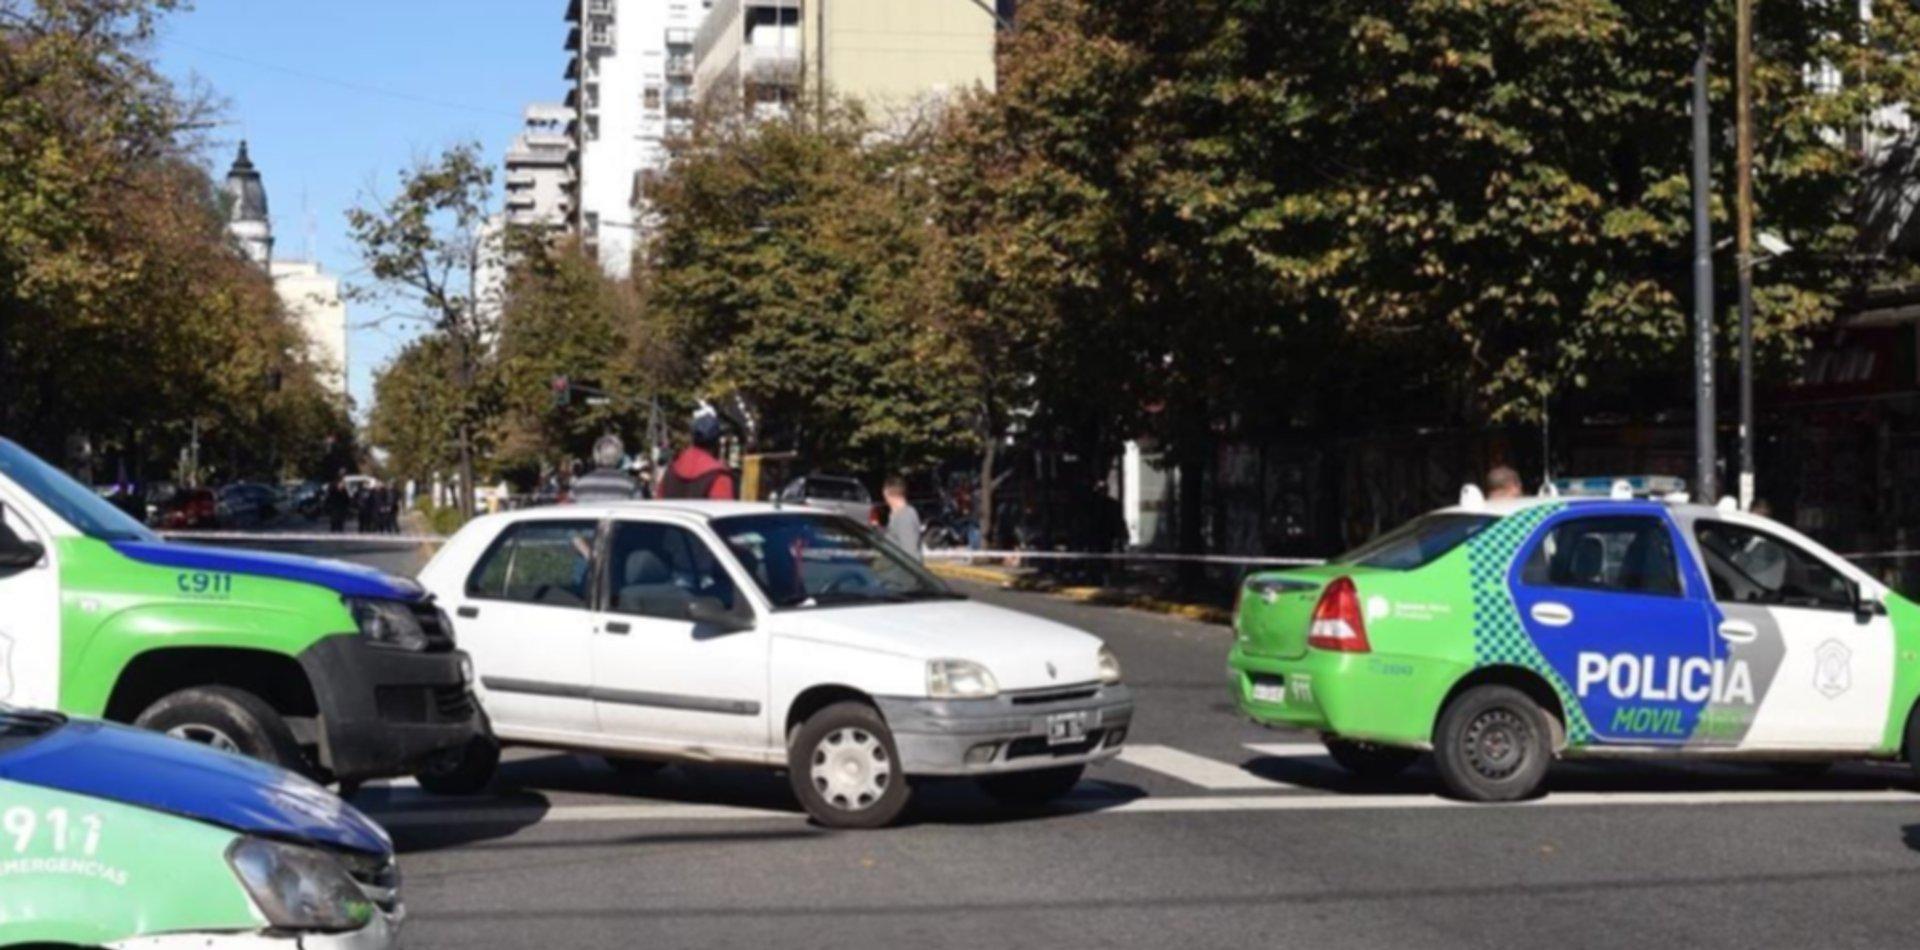 Detuvieron al papá de un futbolista por participar en el robo a una financiera de La Plata